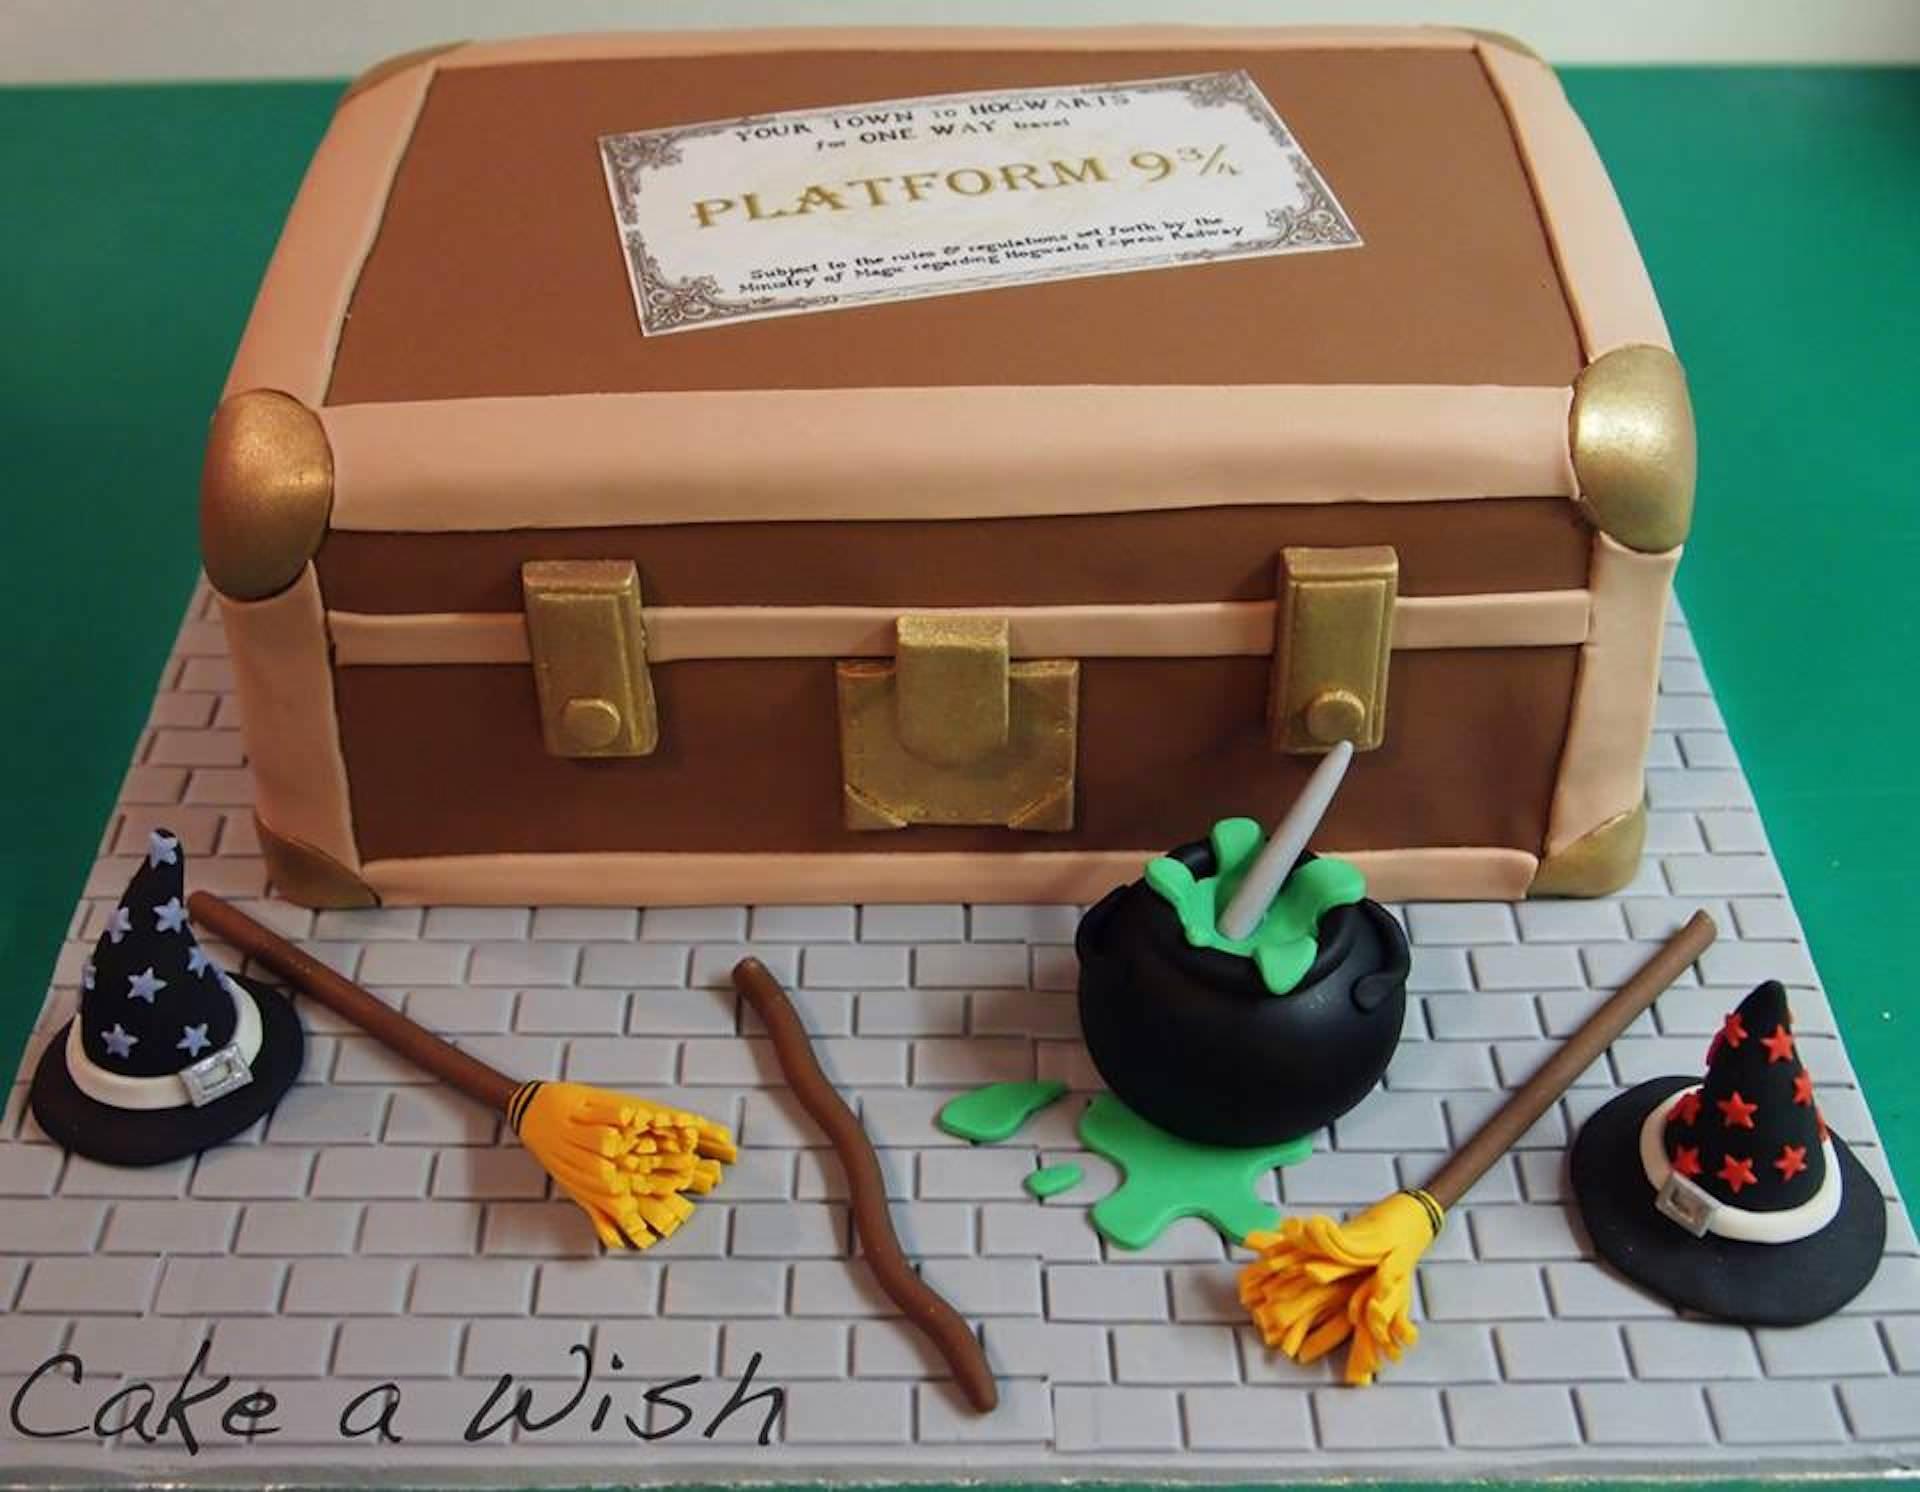 cake-a-wish3